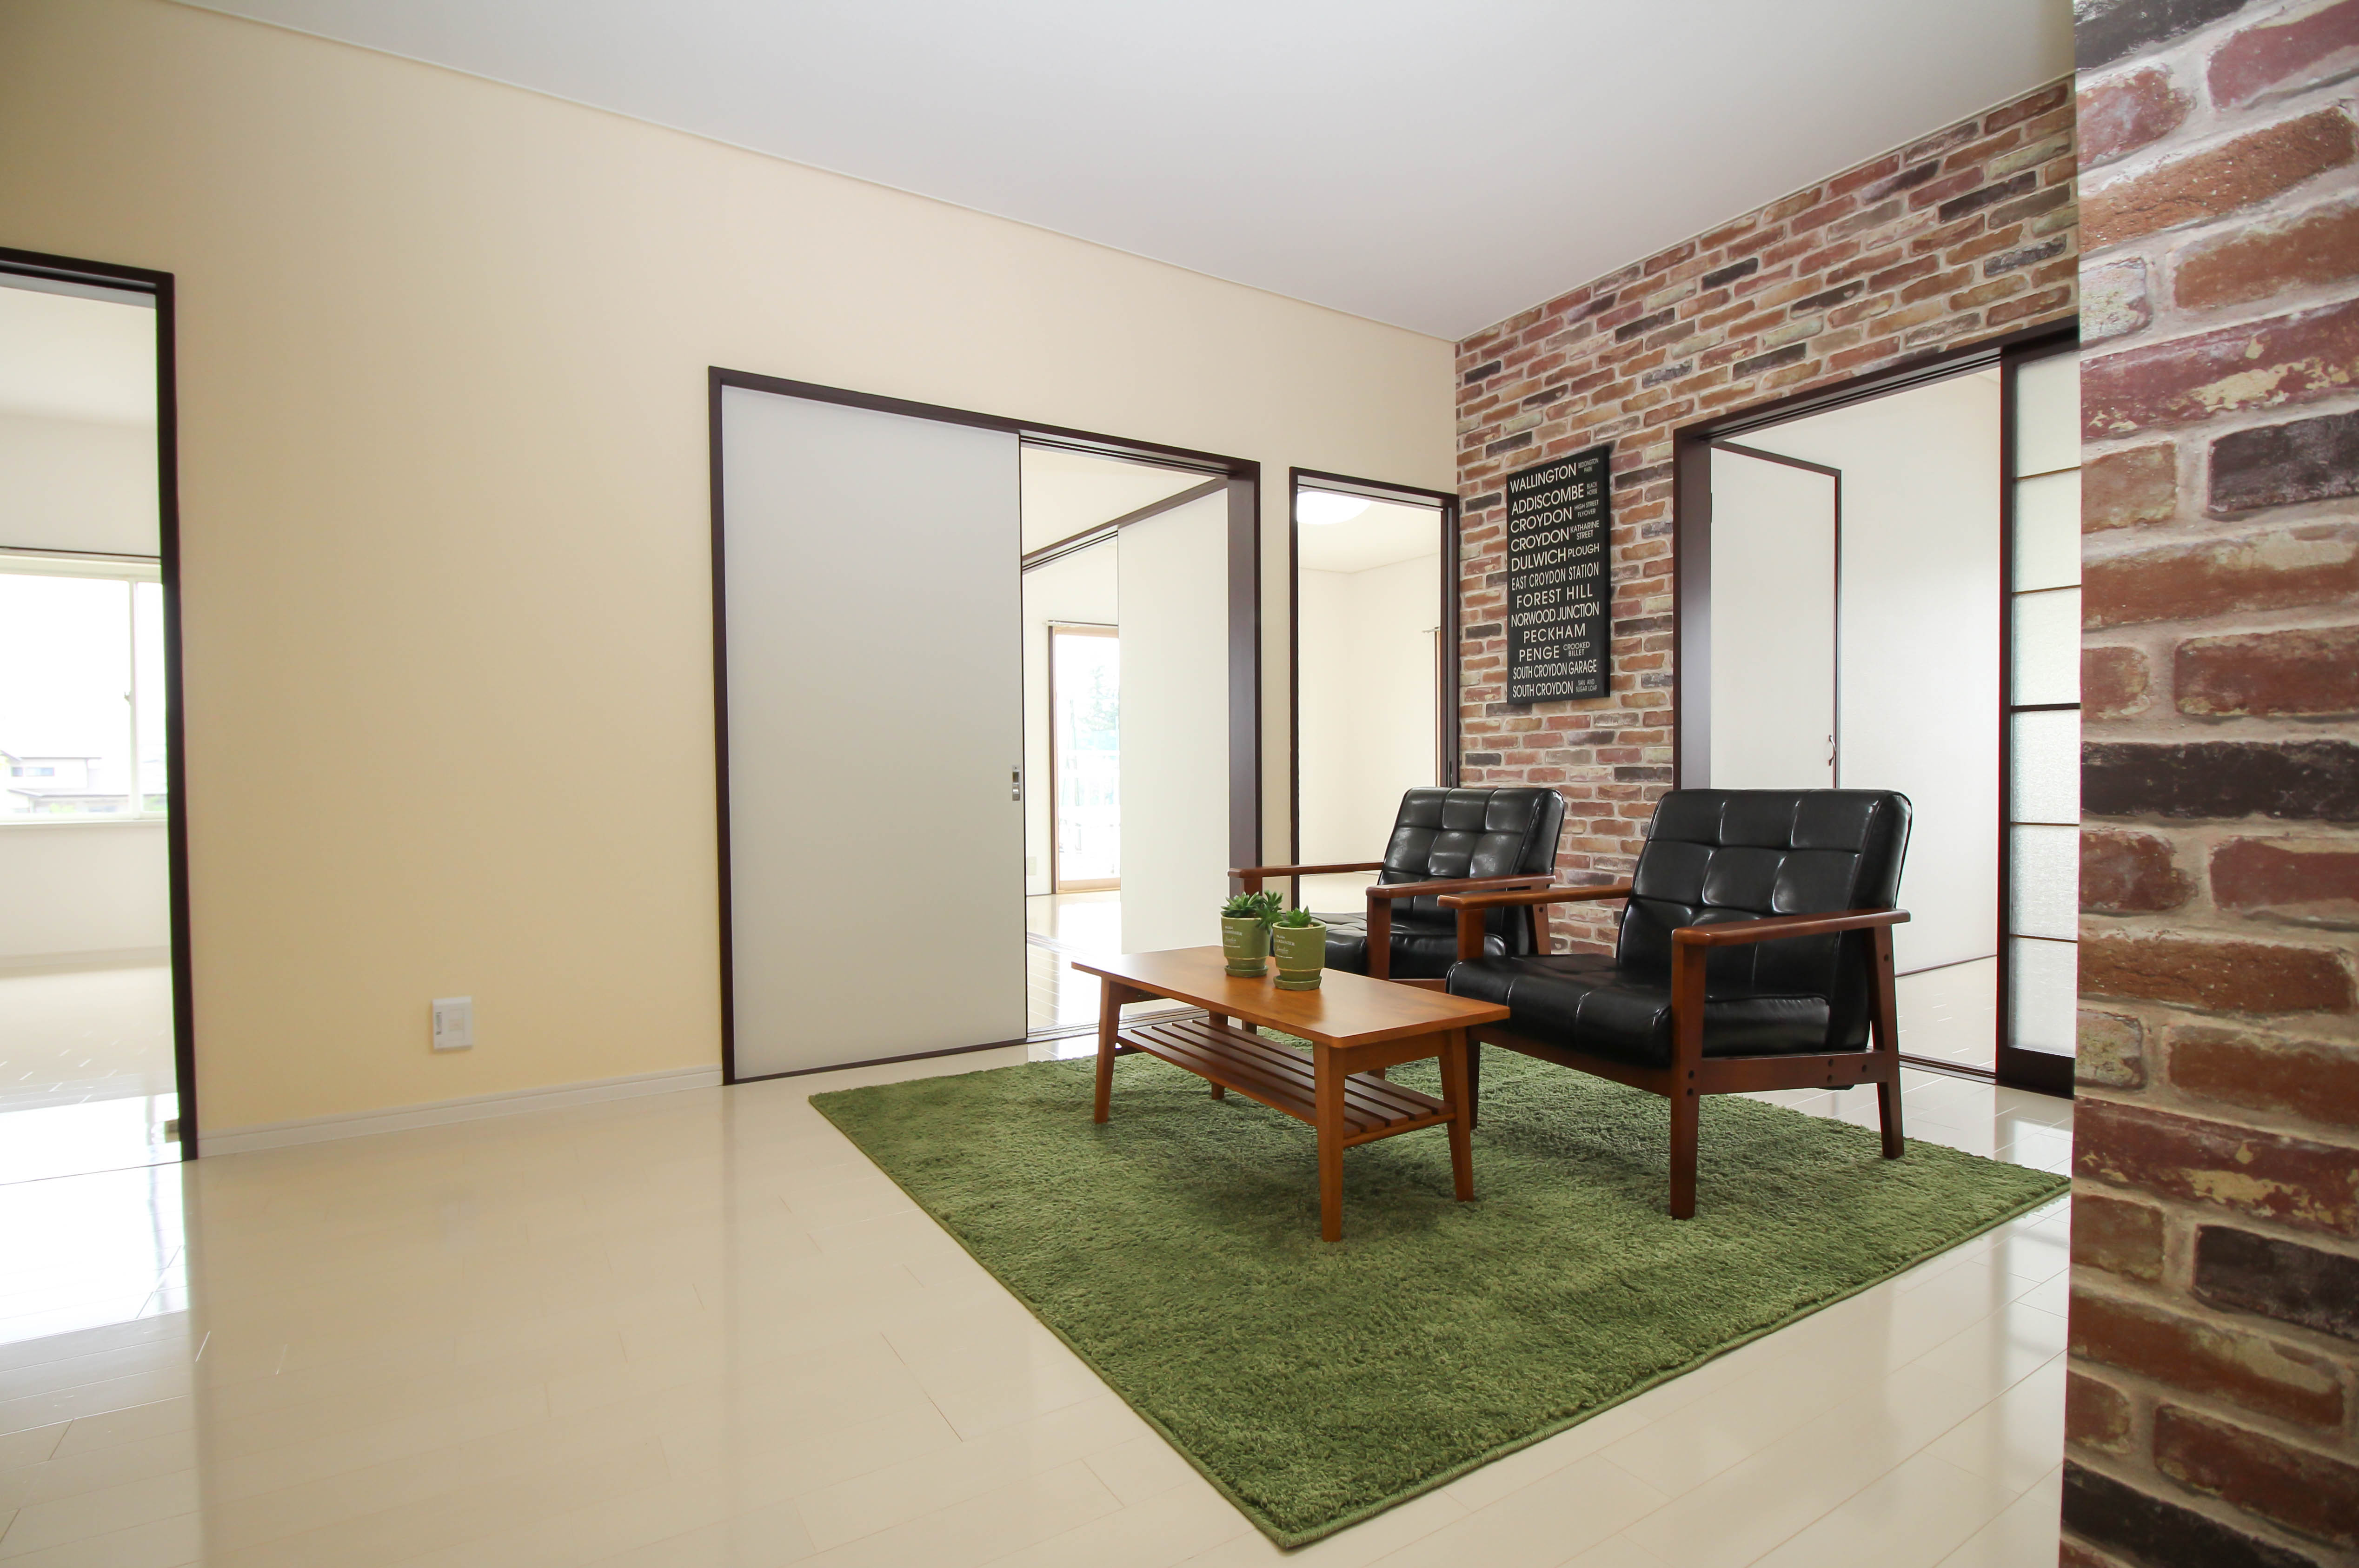 和室をリビングに アパート リフォーム事例 Lixilリフォームネット